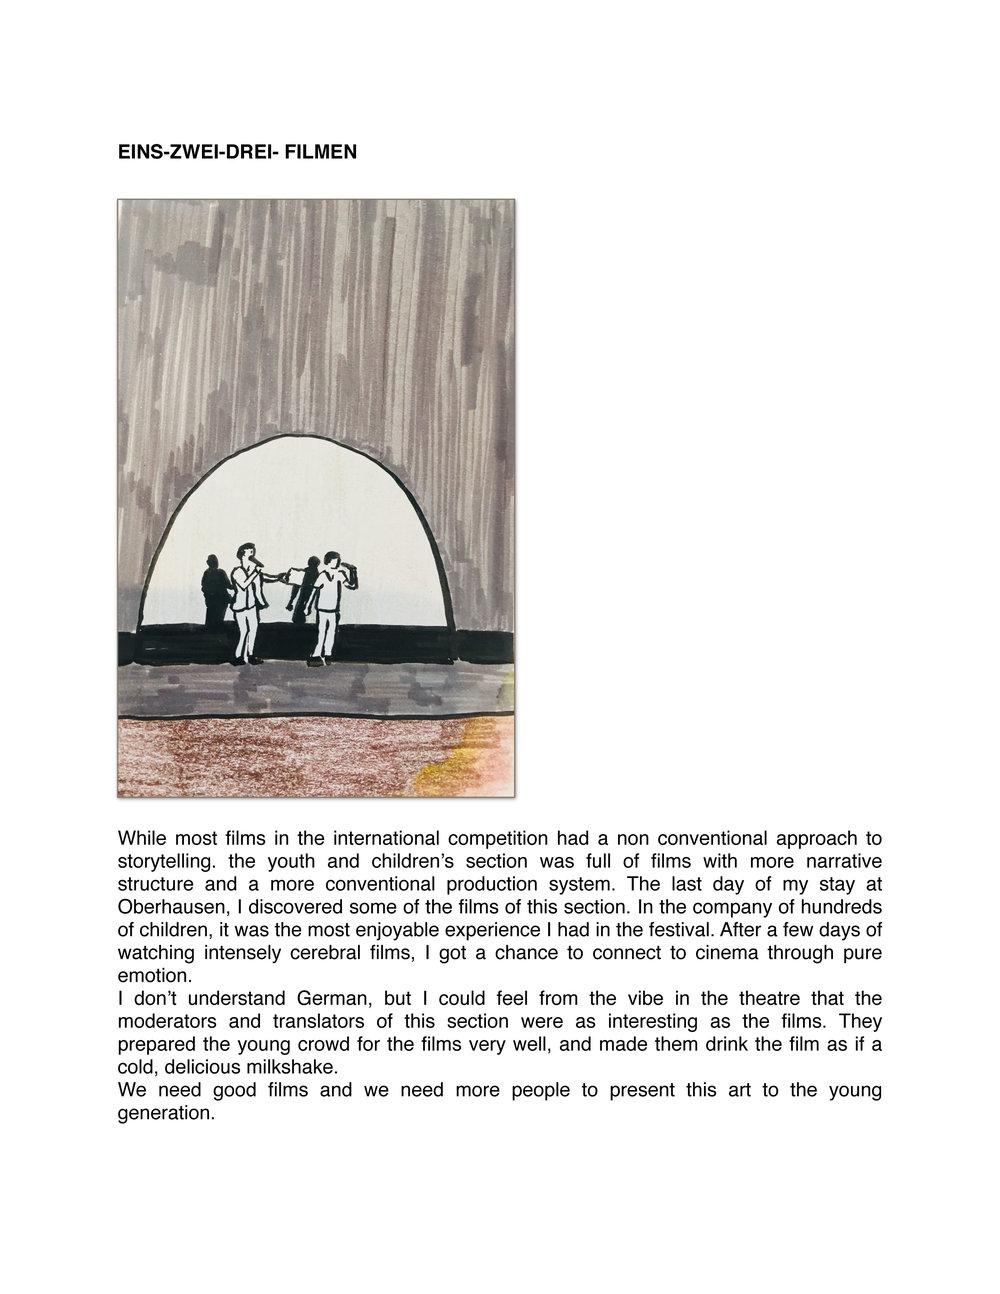 oberhausen-page4.jpg